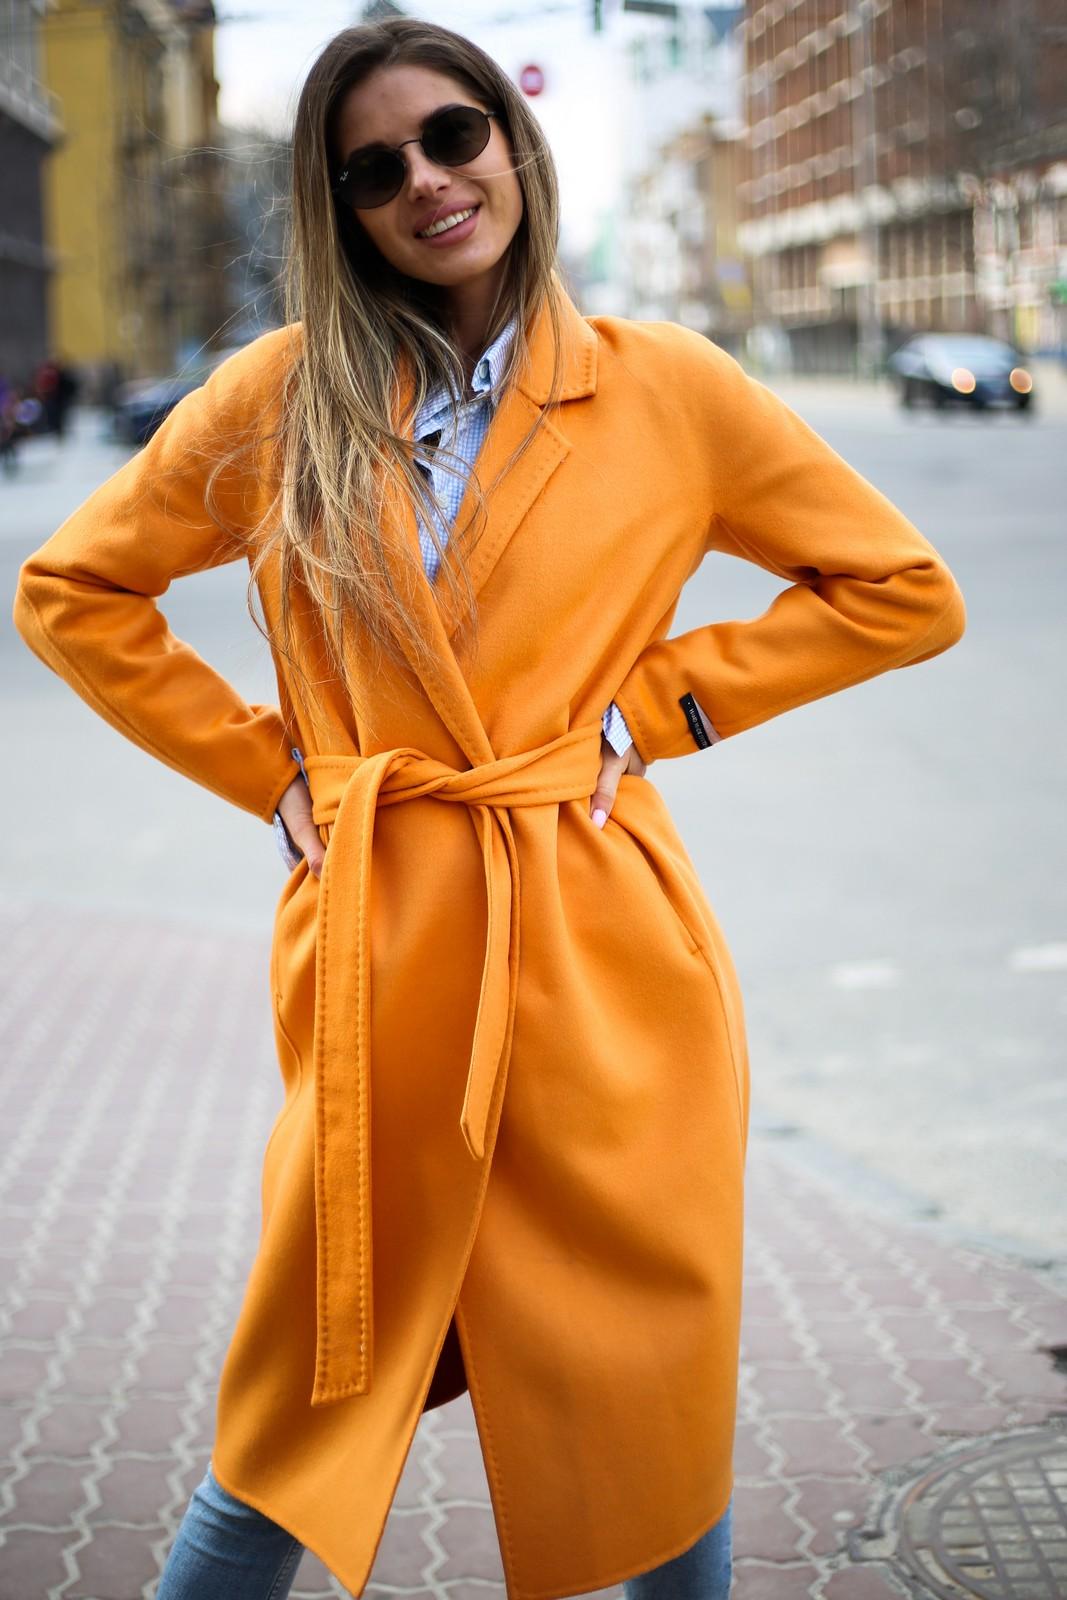 Пальто из натуральной шерсти дабл - фейс цвета спелого апельсина 1